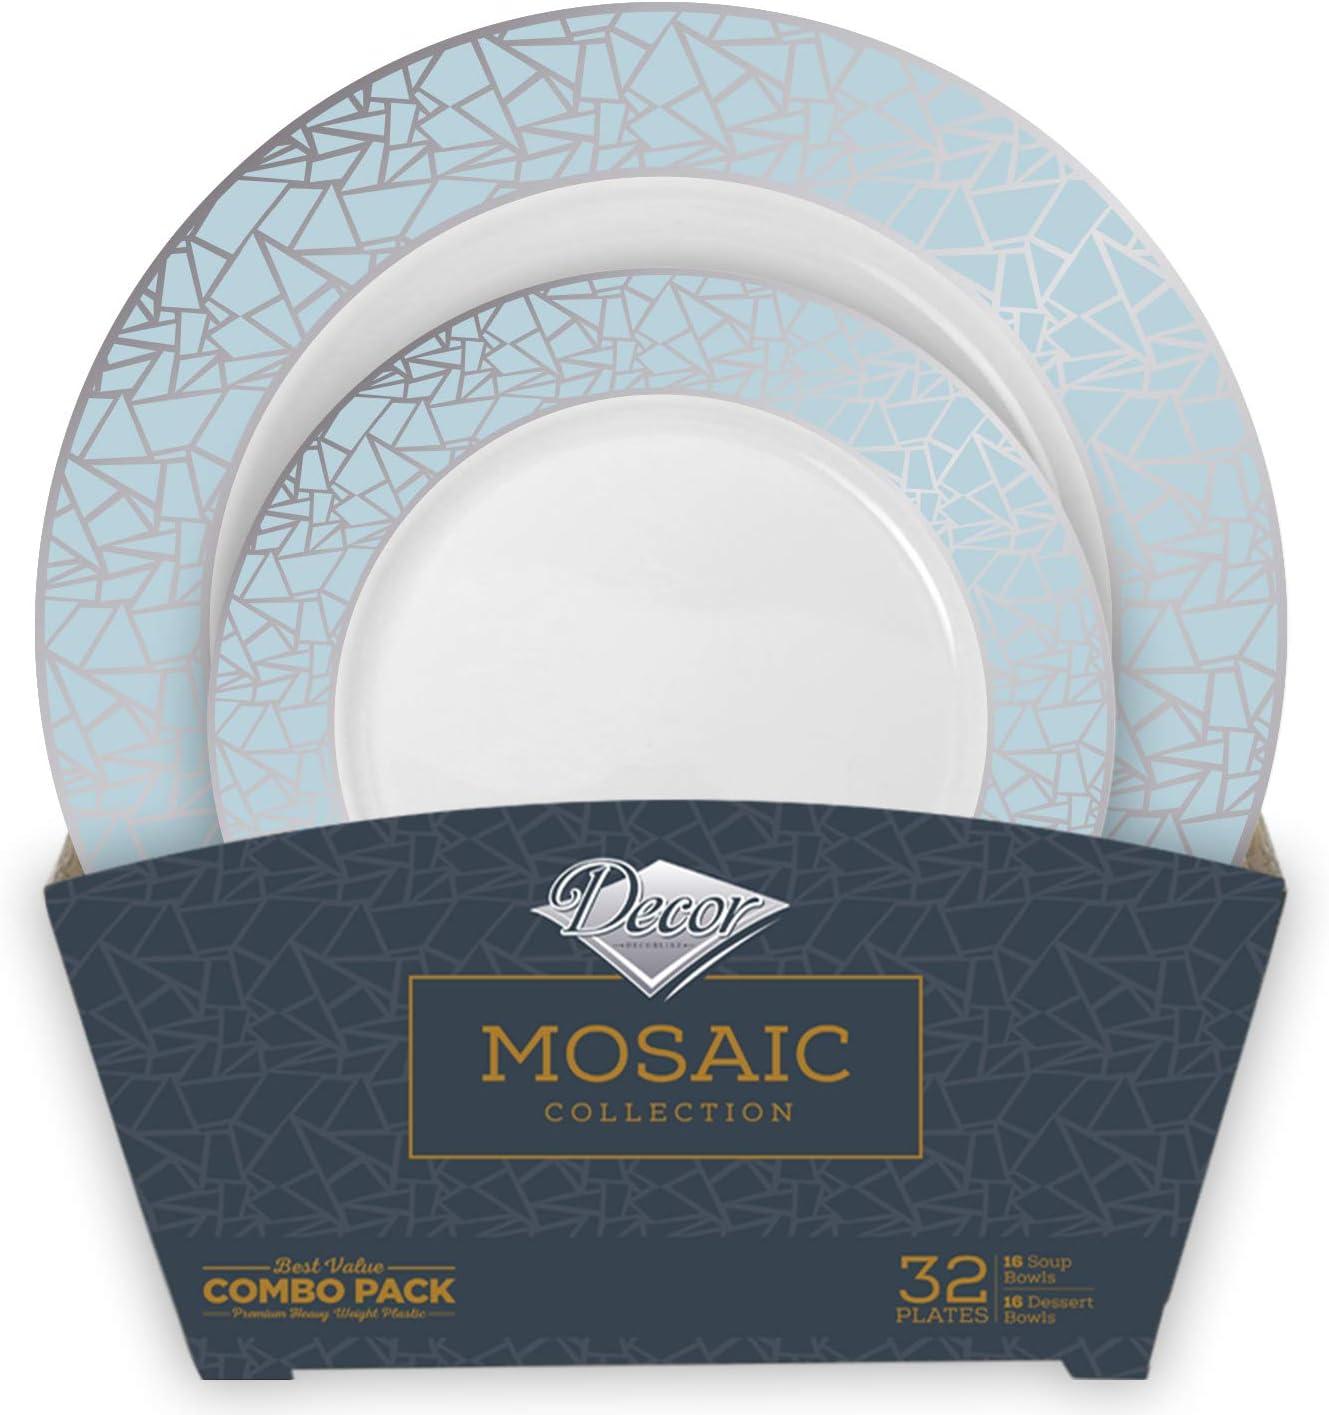 Decor Decorline - Set de Platos de Plástico para Fiestas Premium 32 Piezas - Colección Mosaico Elegante - Plata -Platos Gruesos y Duraderos -Juego de Platos de Cena de Plástico para Toda Ocasión